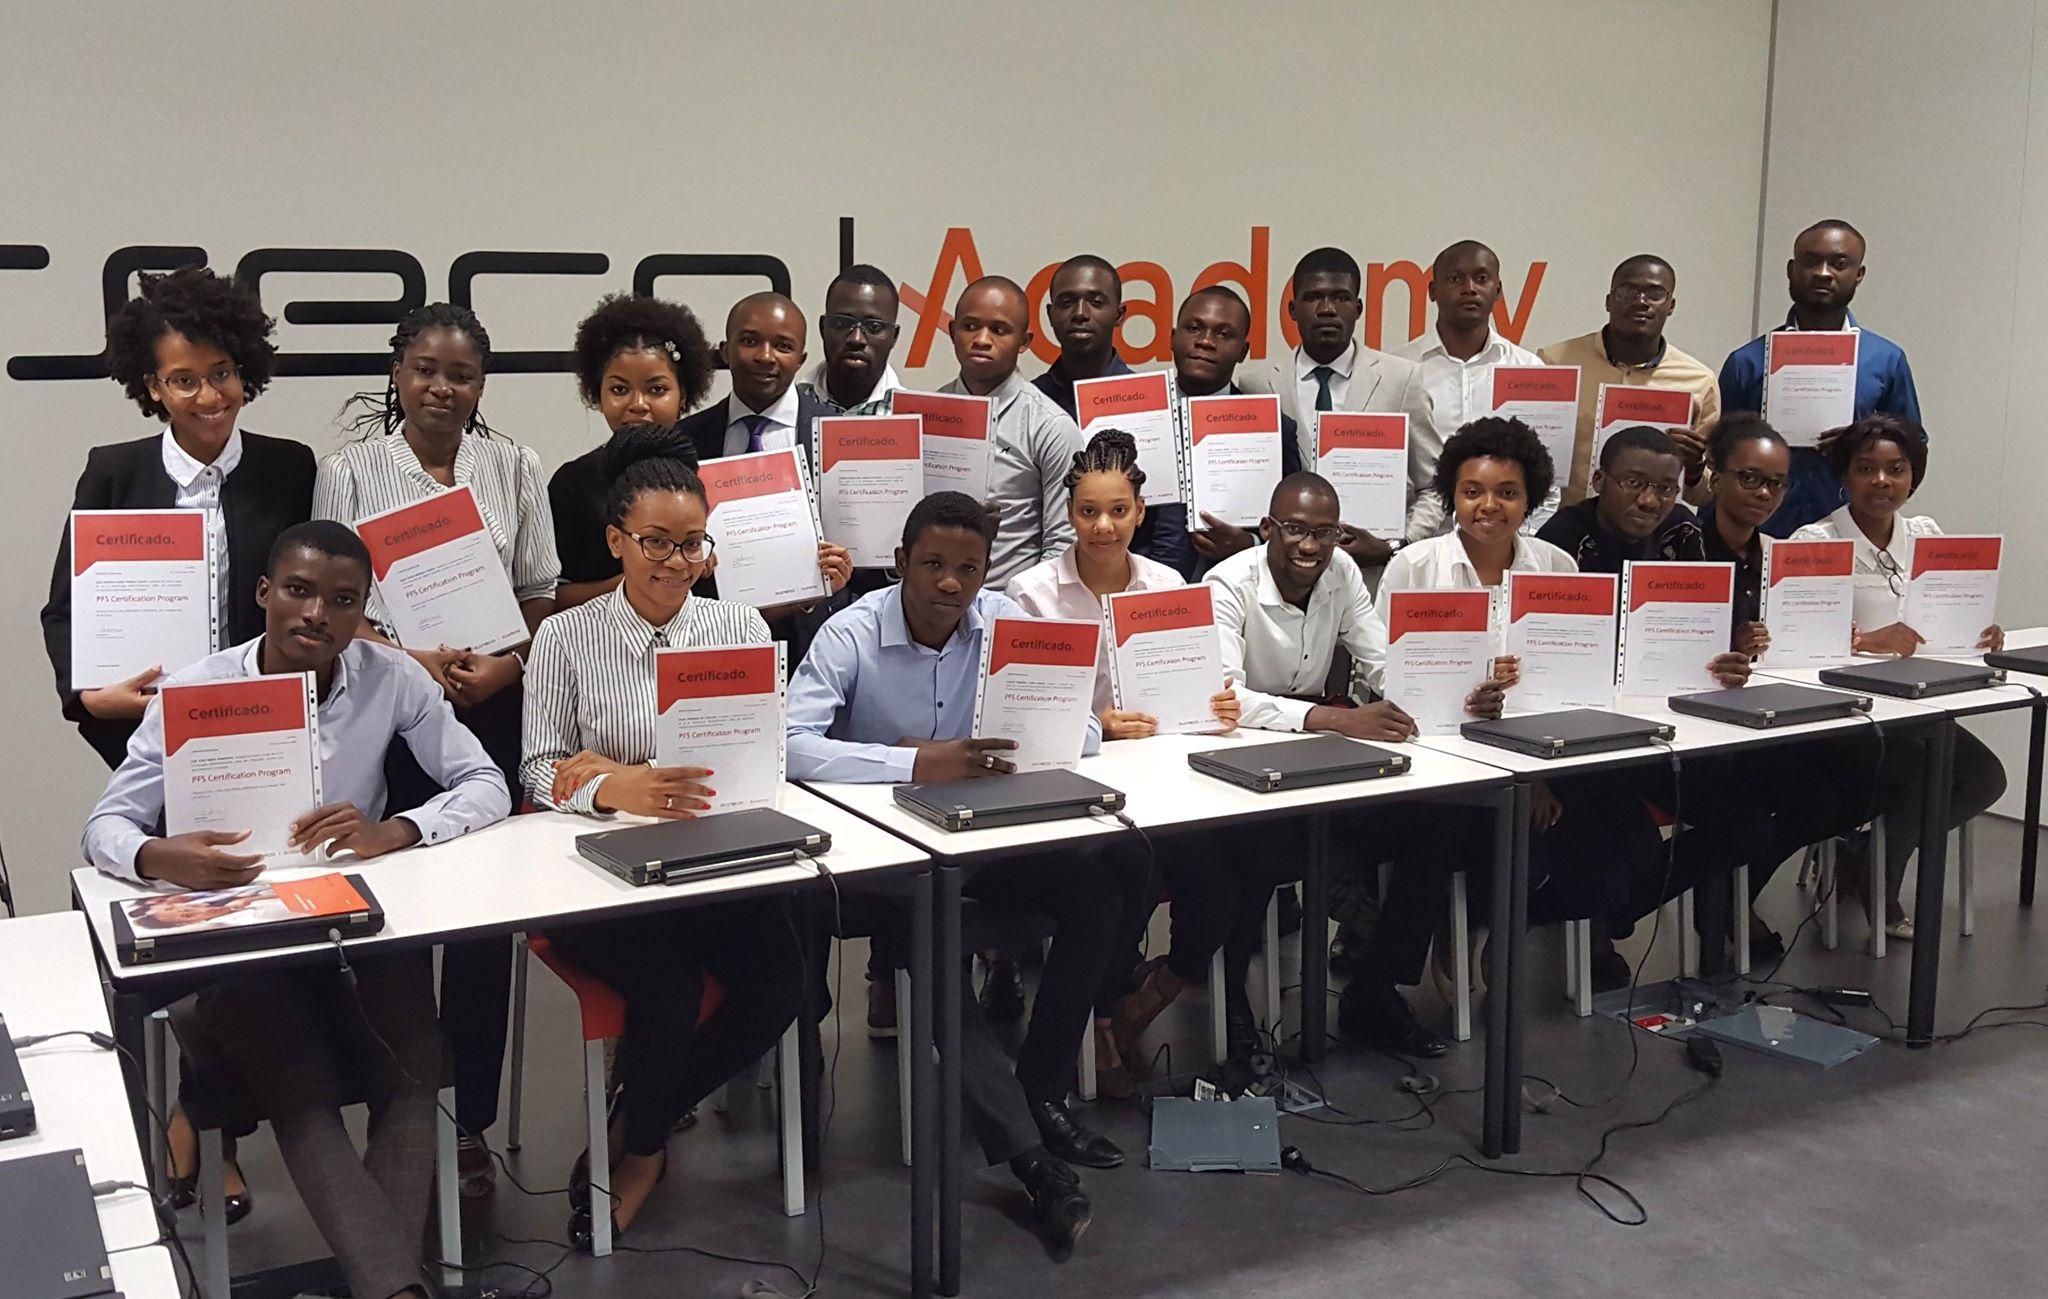 Especialistas são formados em tecnologias de informação na Asseco Academy